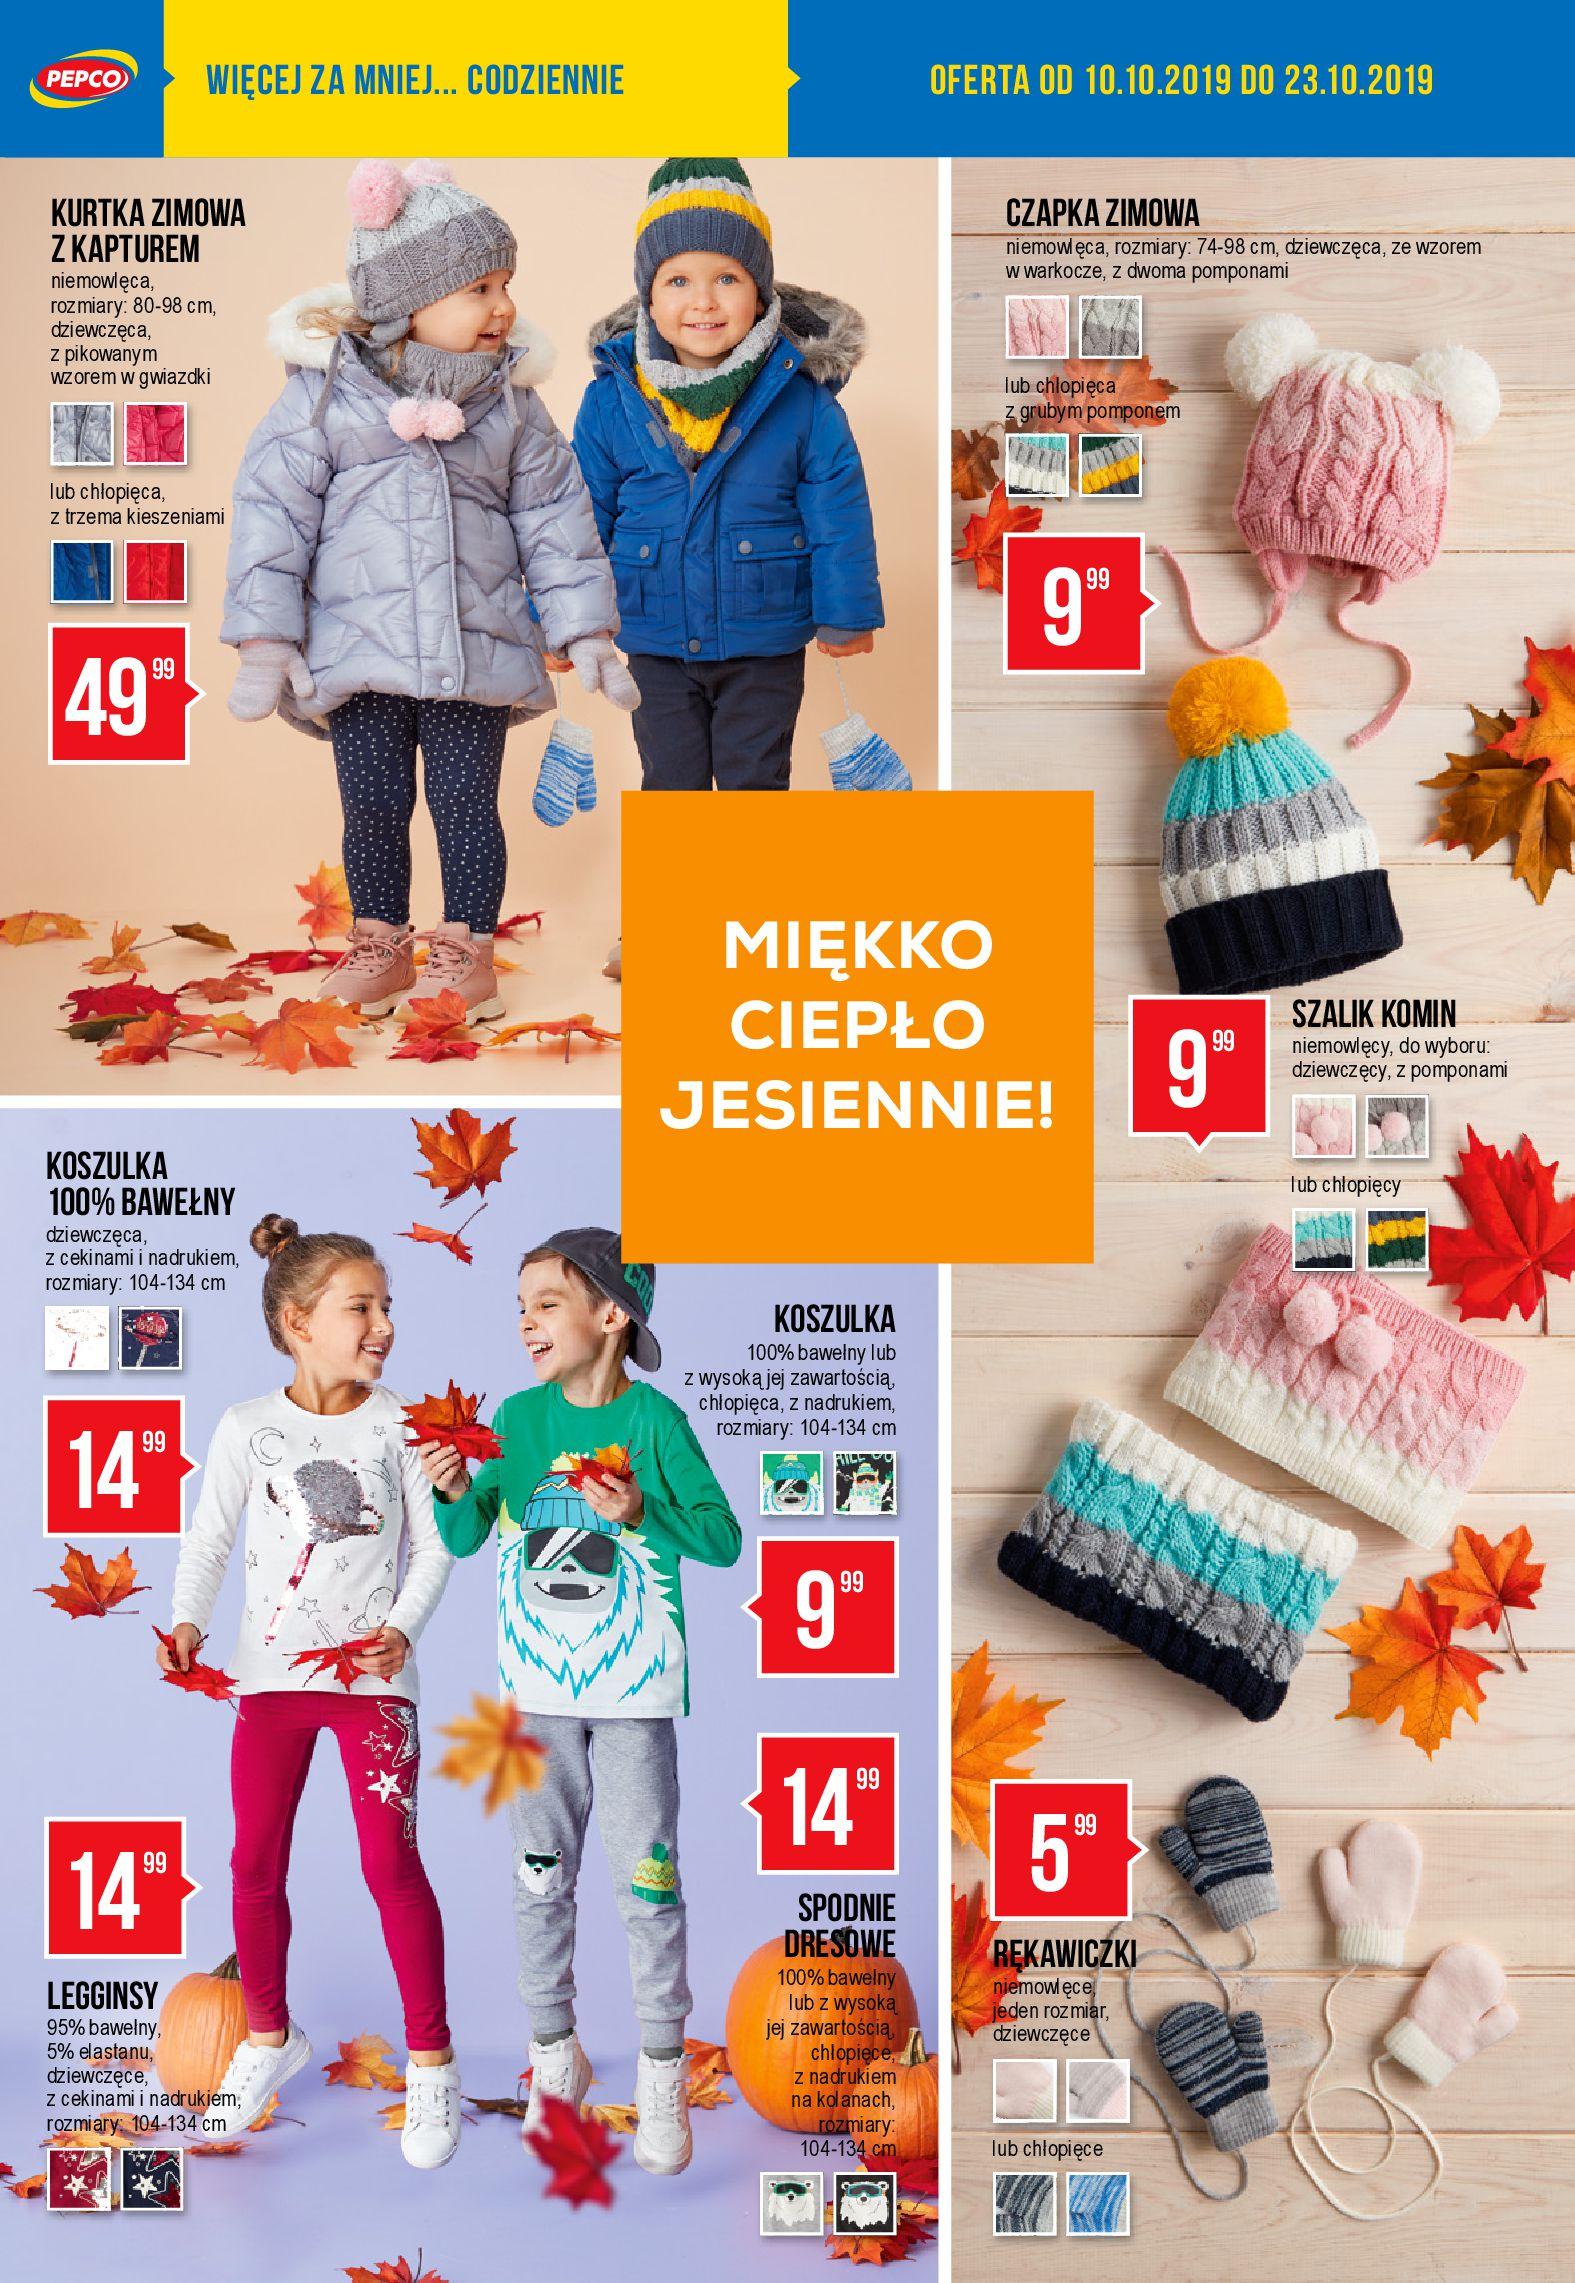 Gazetka Pepco - Oferta promocyjna-09.10.2019-23.10.2019-page-